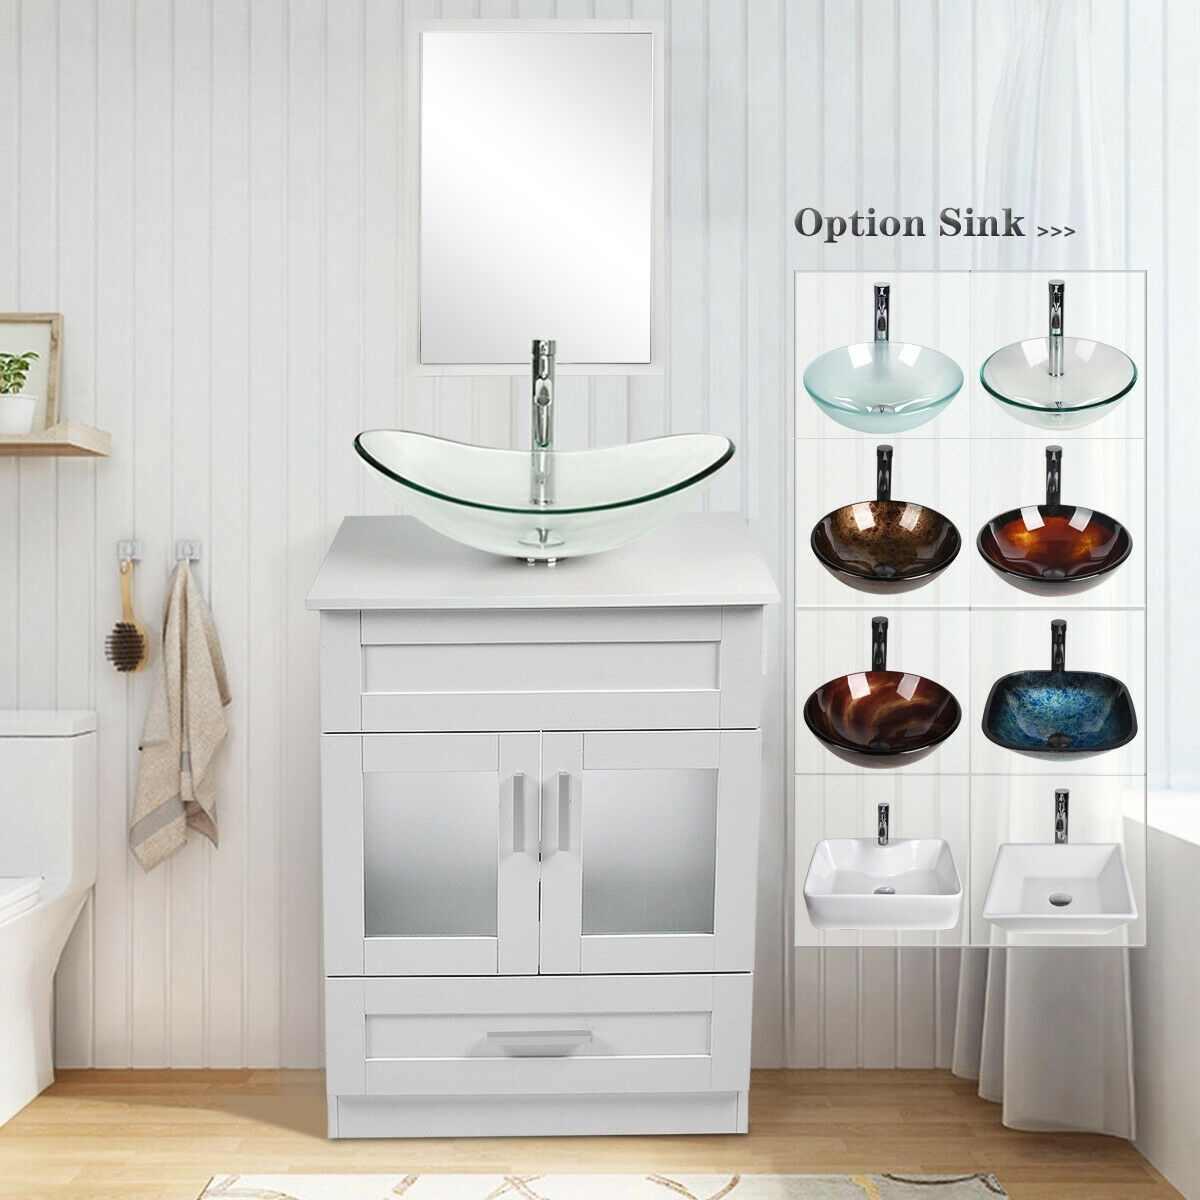 24 Bathroom Vanity White Cabinet Single Top Vessel Sink Faucet